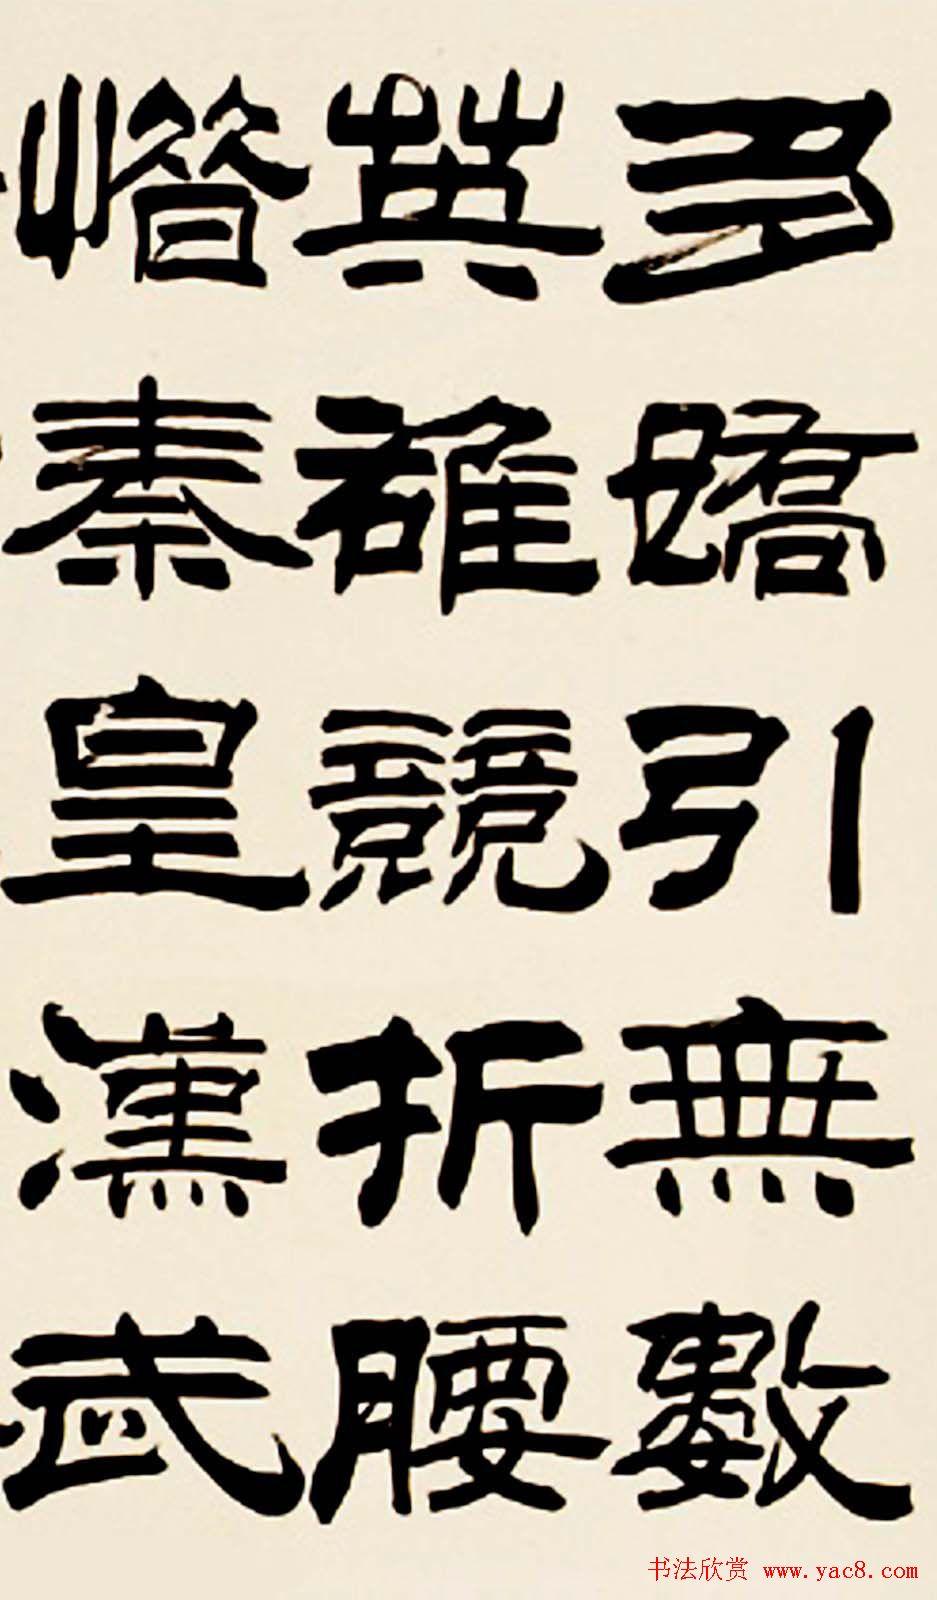 刘炳森隶书欣赏 沁园春雪 第6页 毛笔书法 书法欣赏